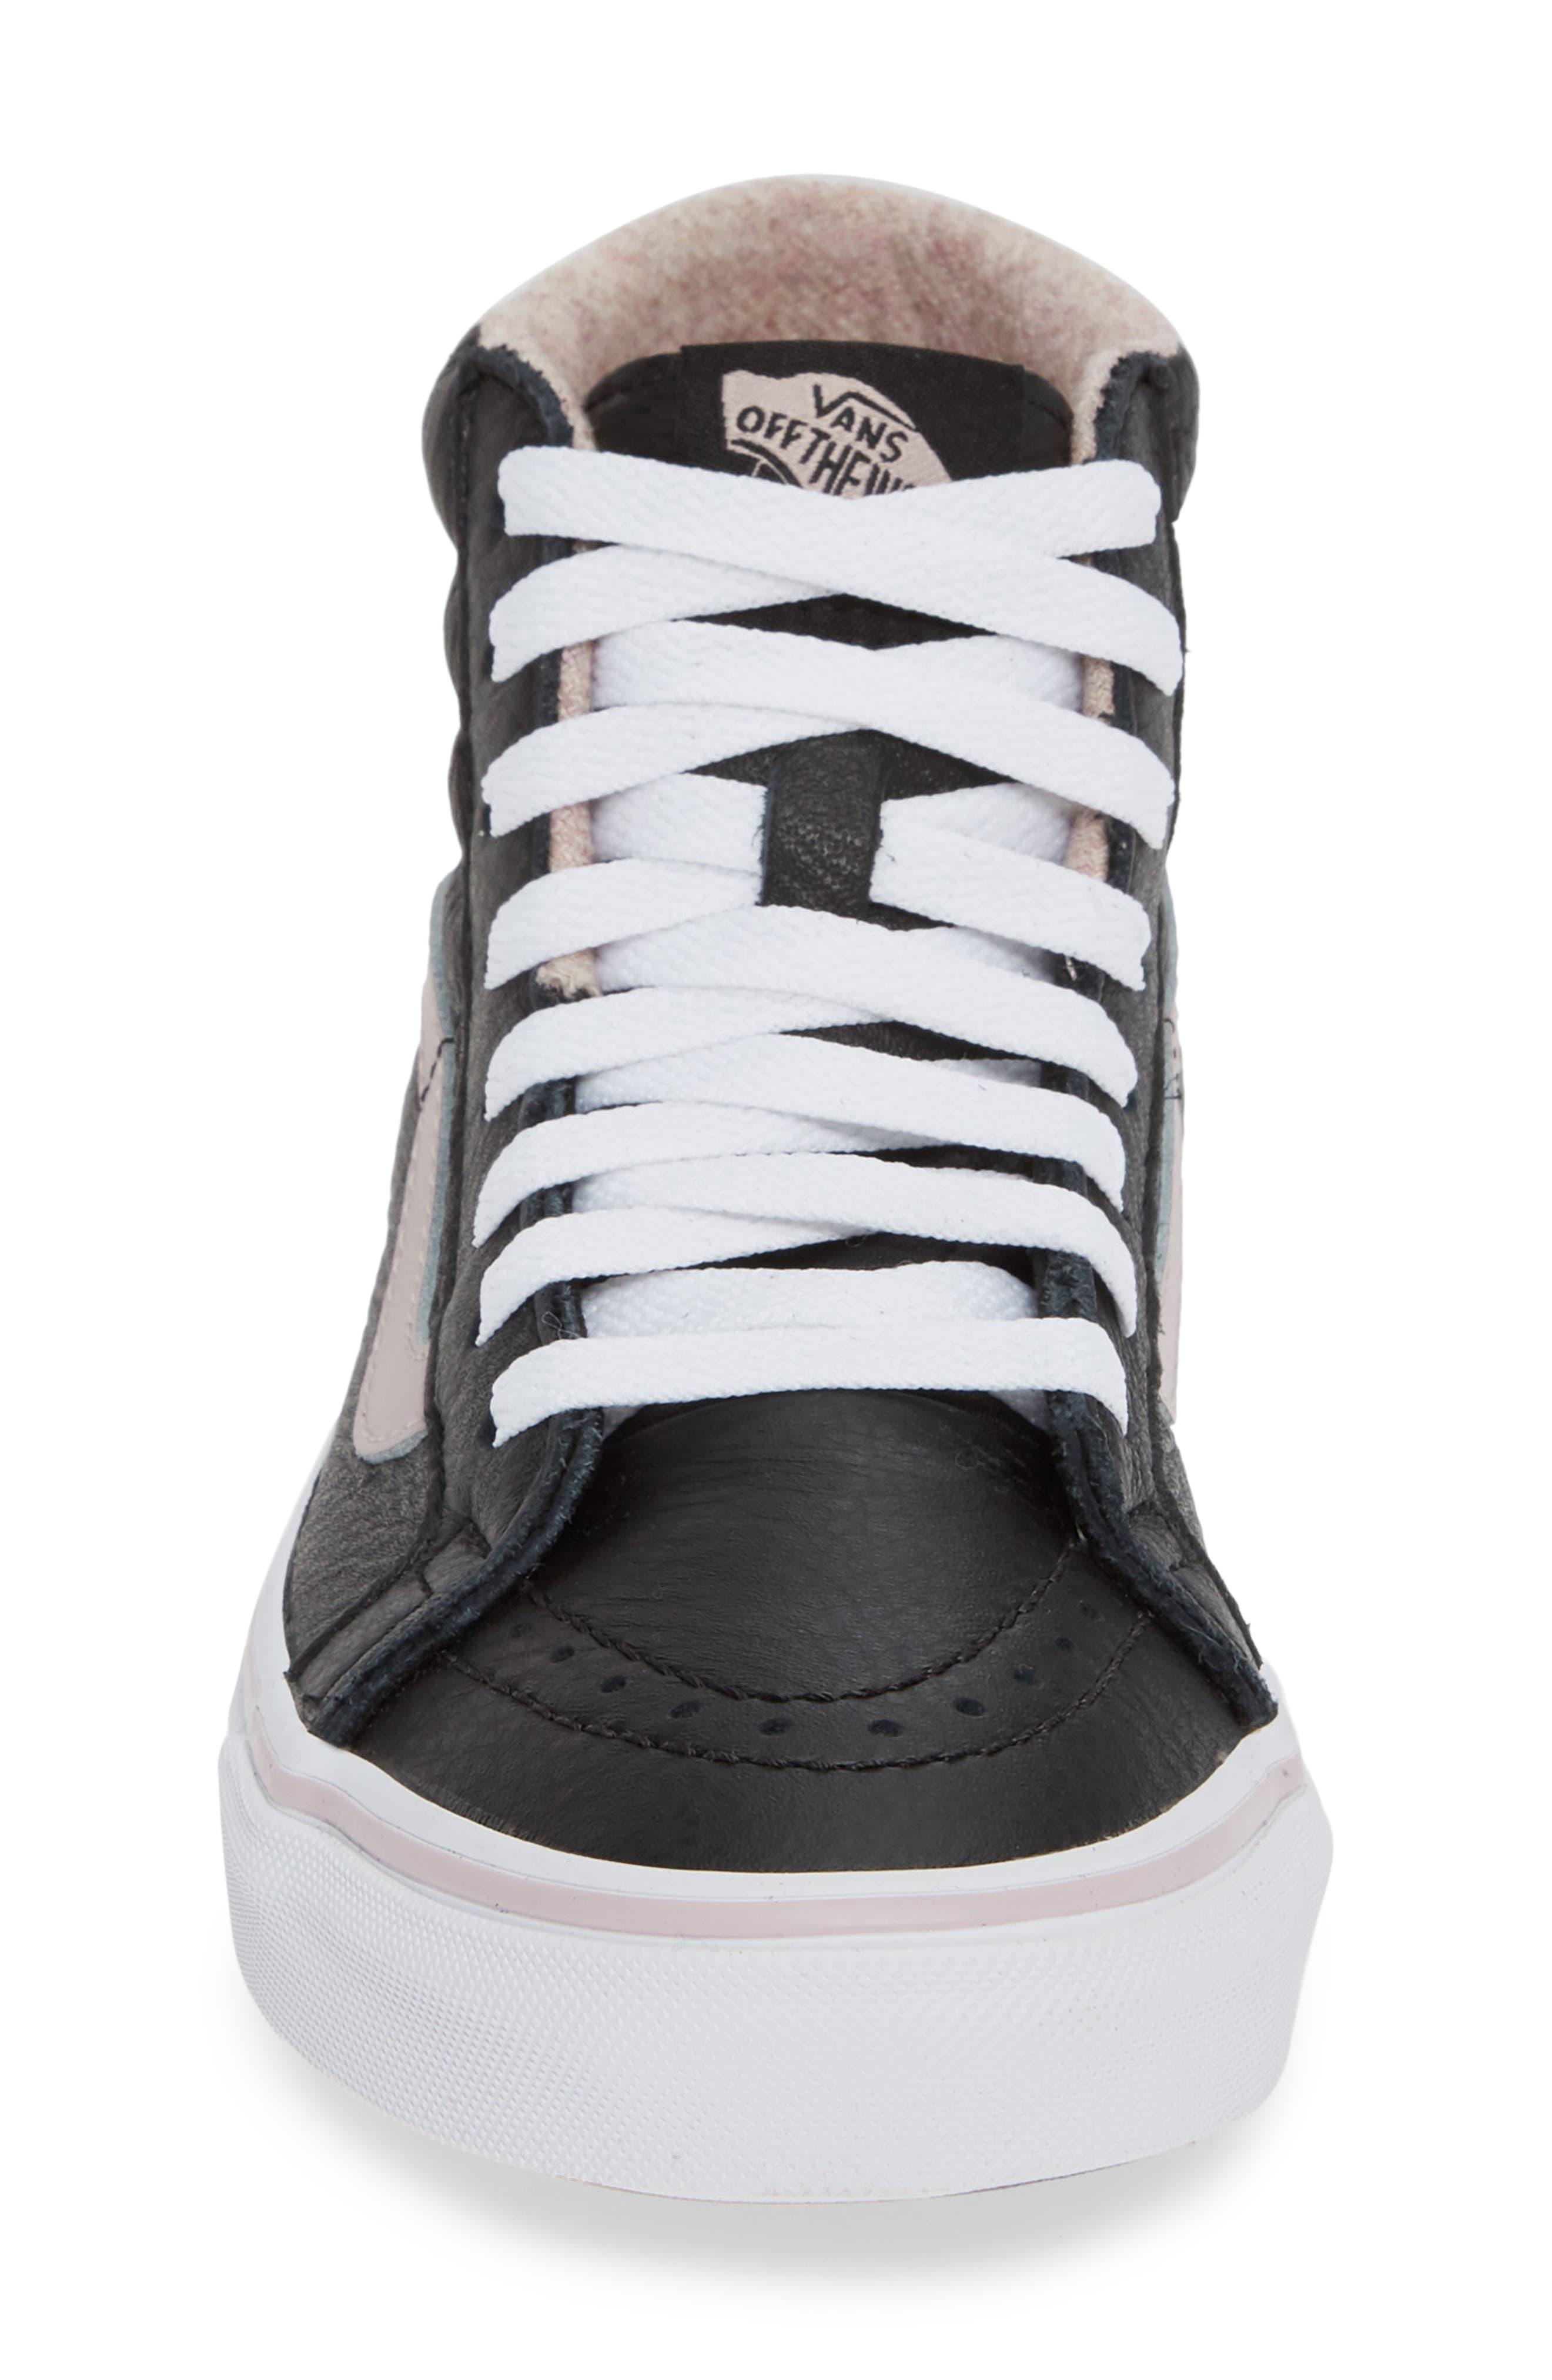 VANS,                             Sk8-Hi Reissue Sneaker,                             Alternate thumbnail 4, color,                             001